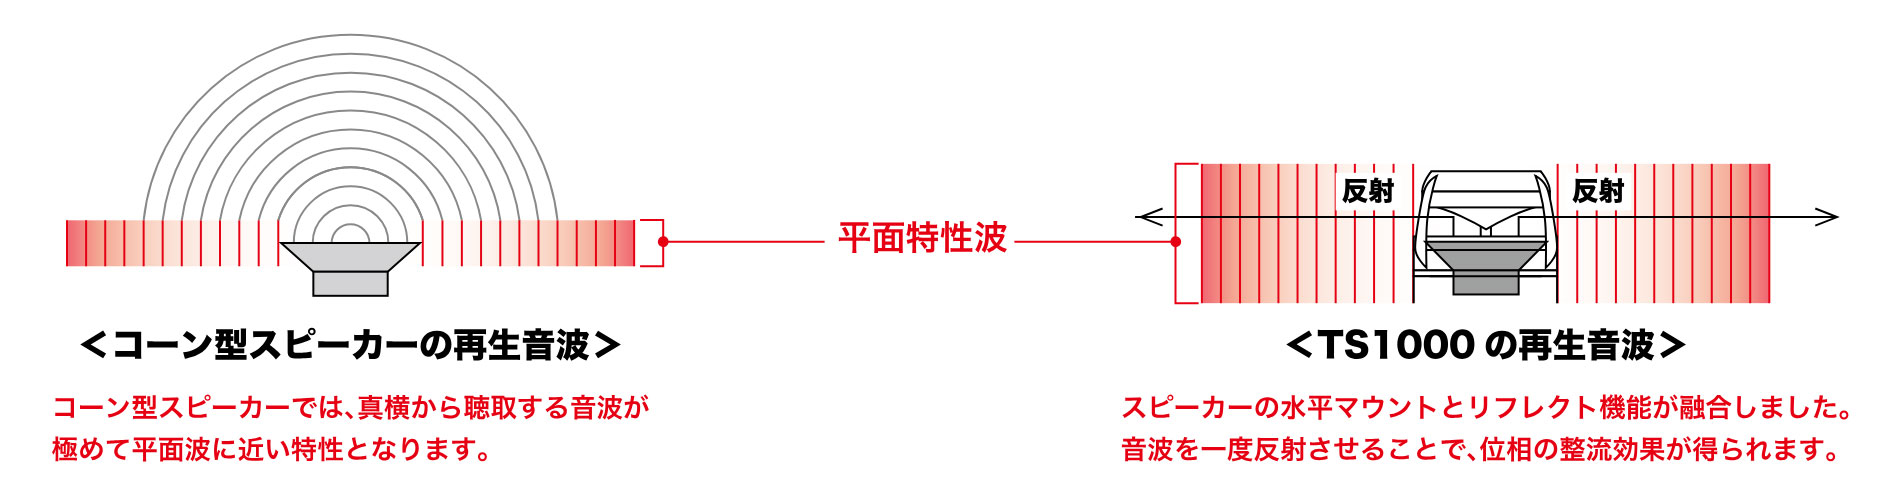 鈴虫の音に近いTS1000の再生音(平面波モード)